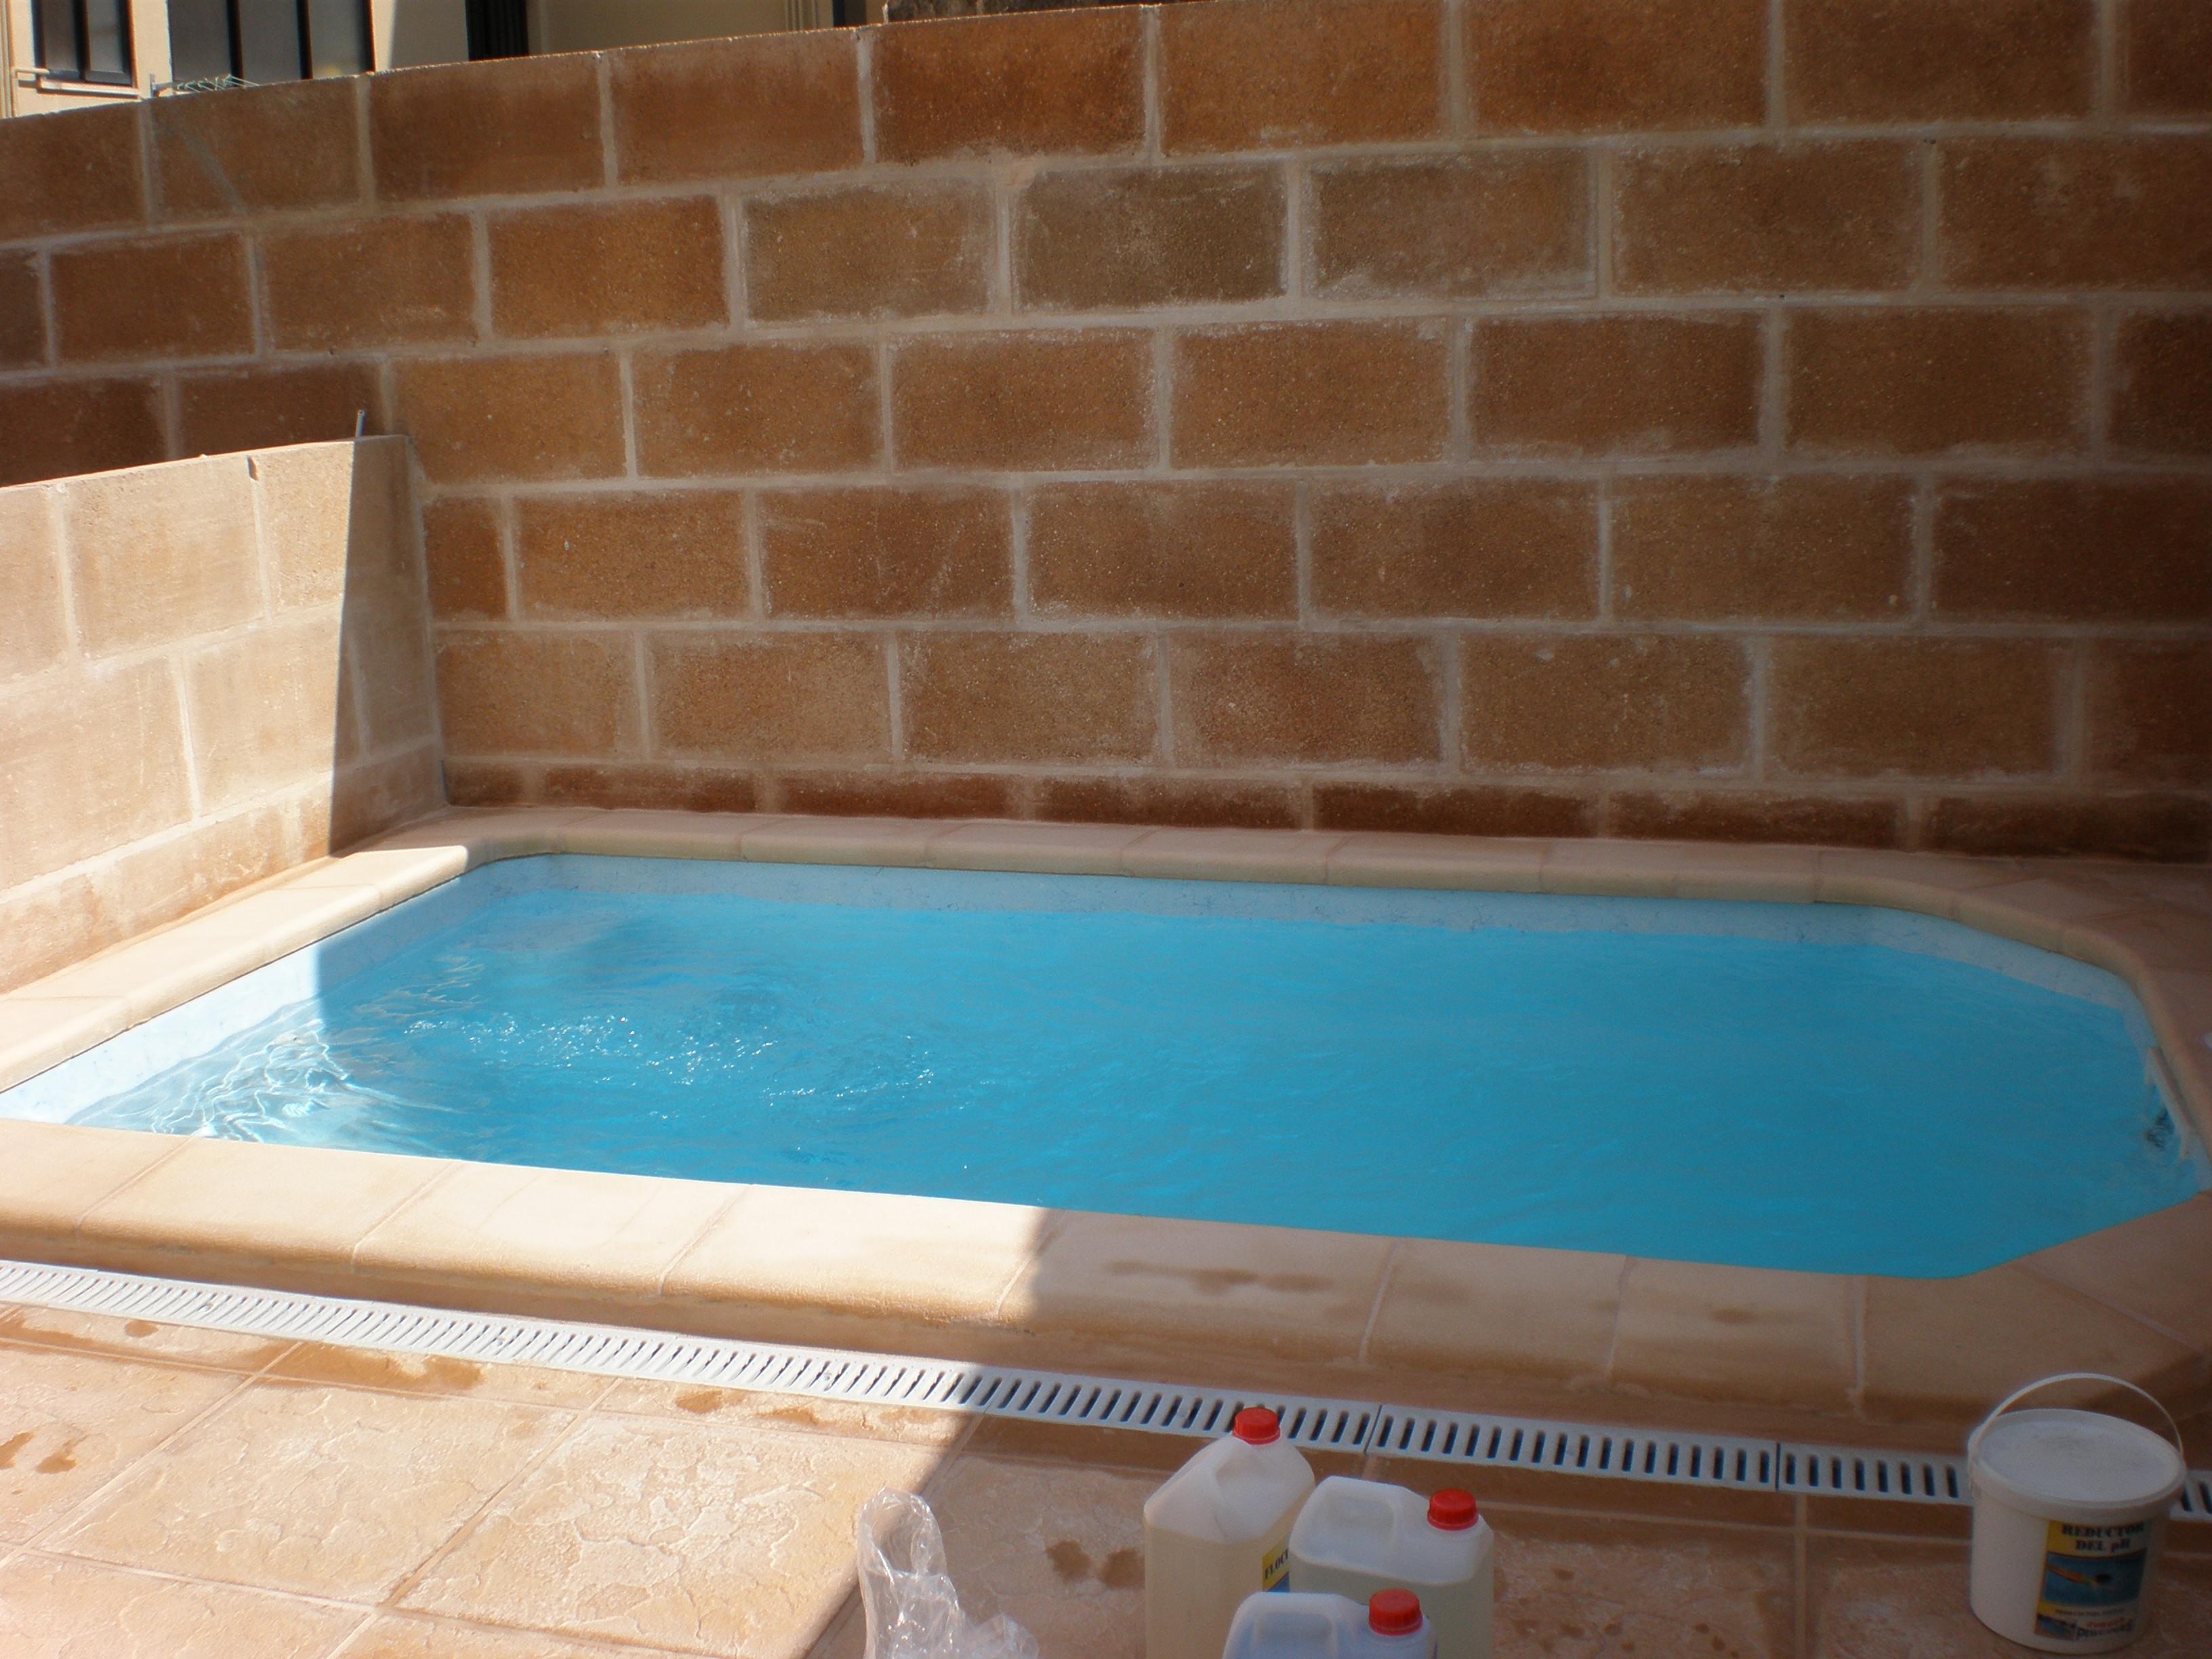 Micro pool piscinas mallorca europa piscinas palma for Cuanto cuesta piscina obra